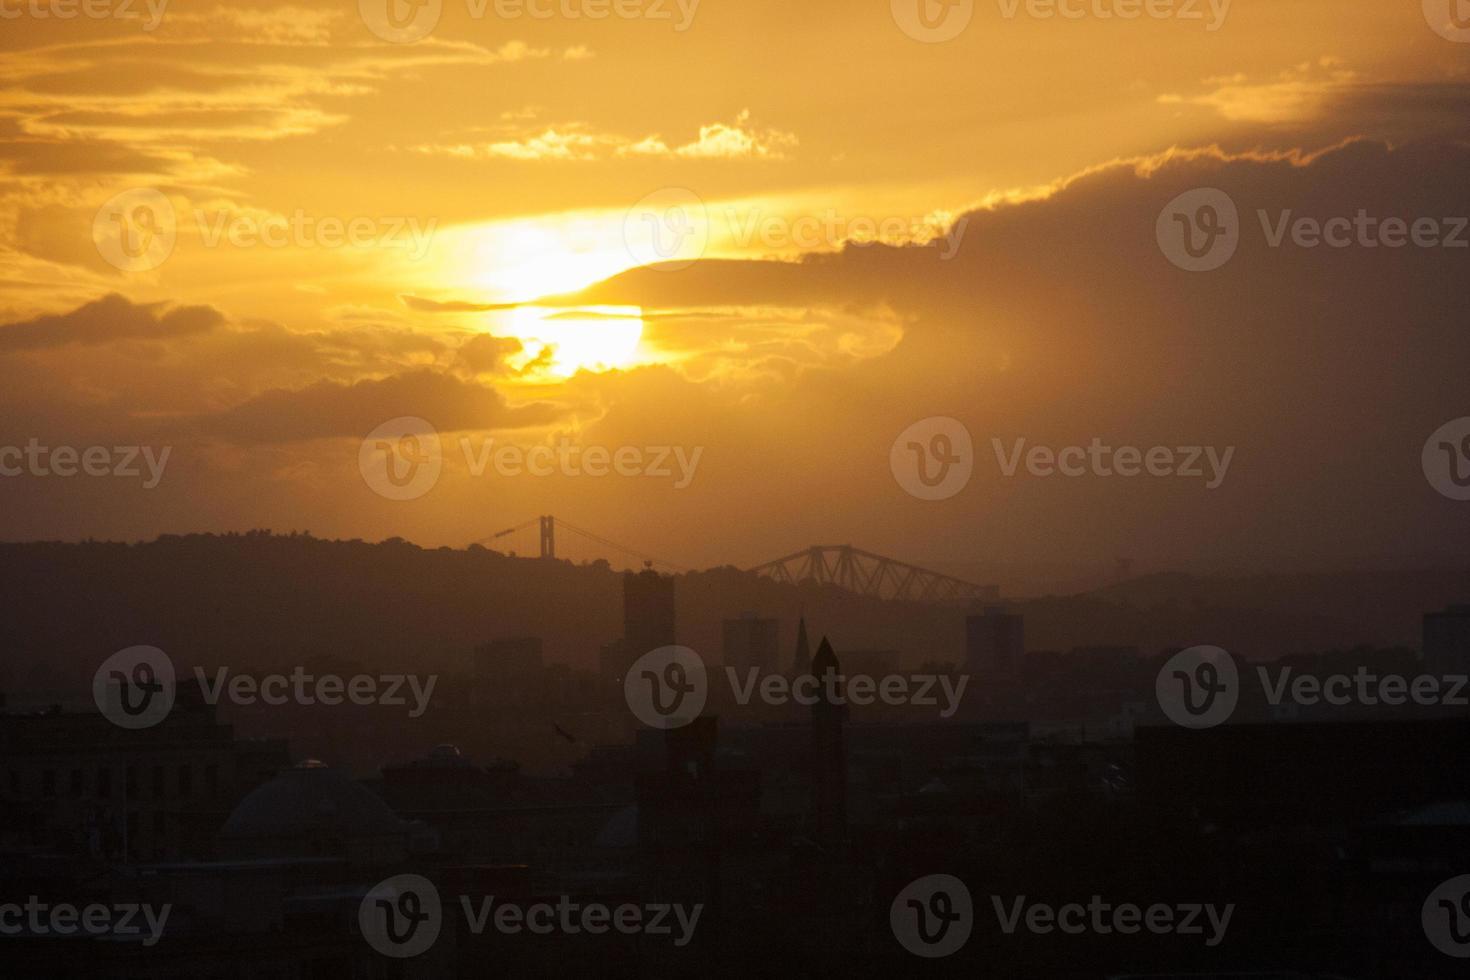 ecosse - edinburgh centre ville coucher de soleil photo